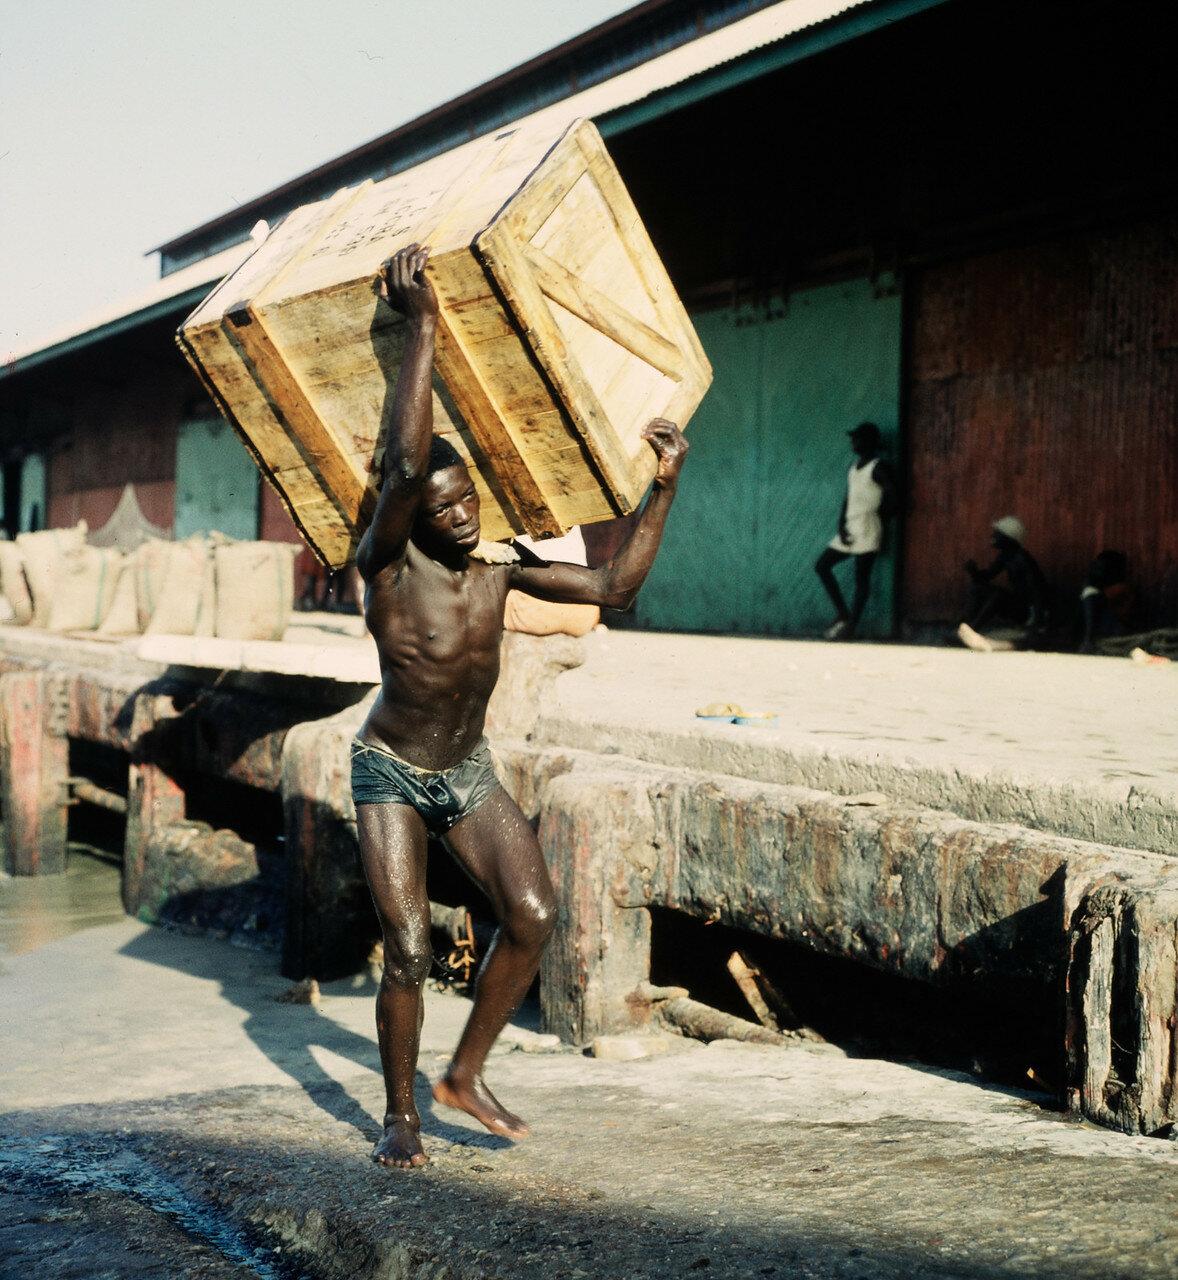 Носильщик переносит ящик из прибойных шлюпок на склад